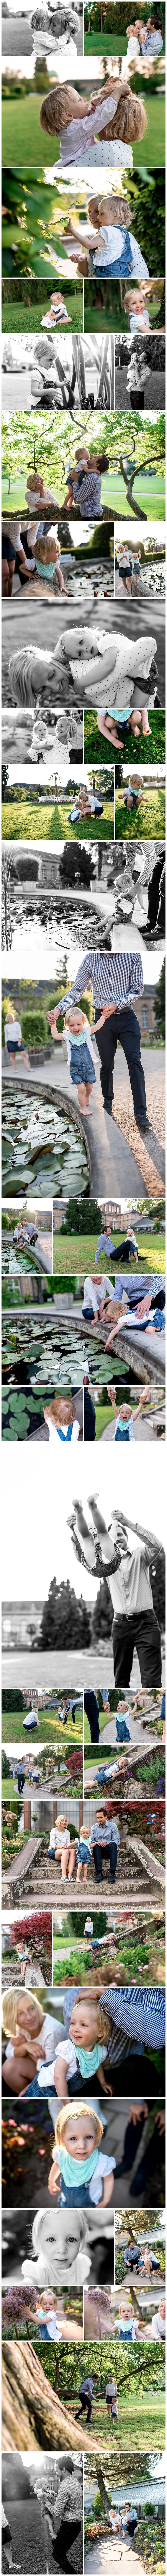 Familienfotos Botanischer Garten Karlsruhe